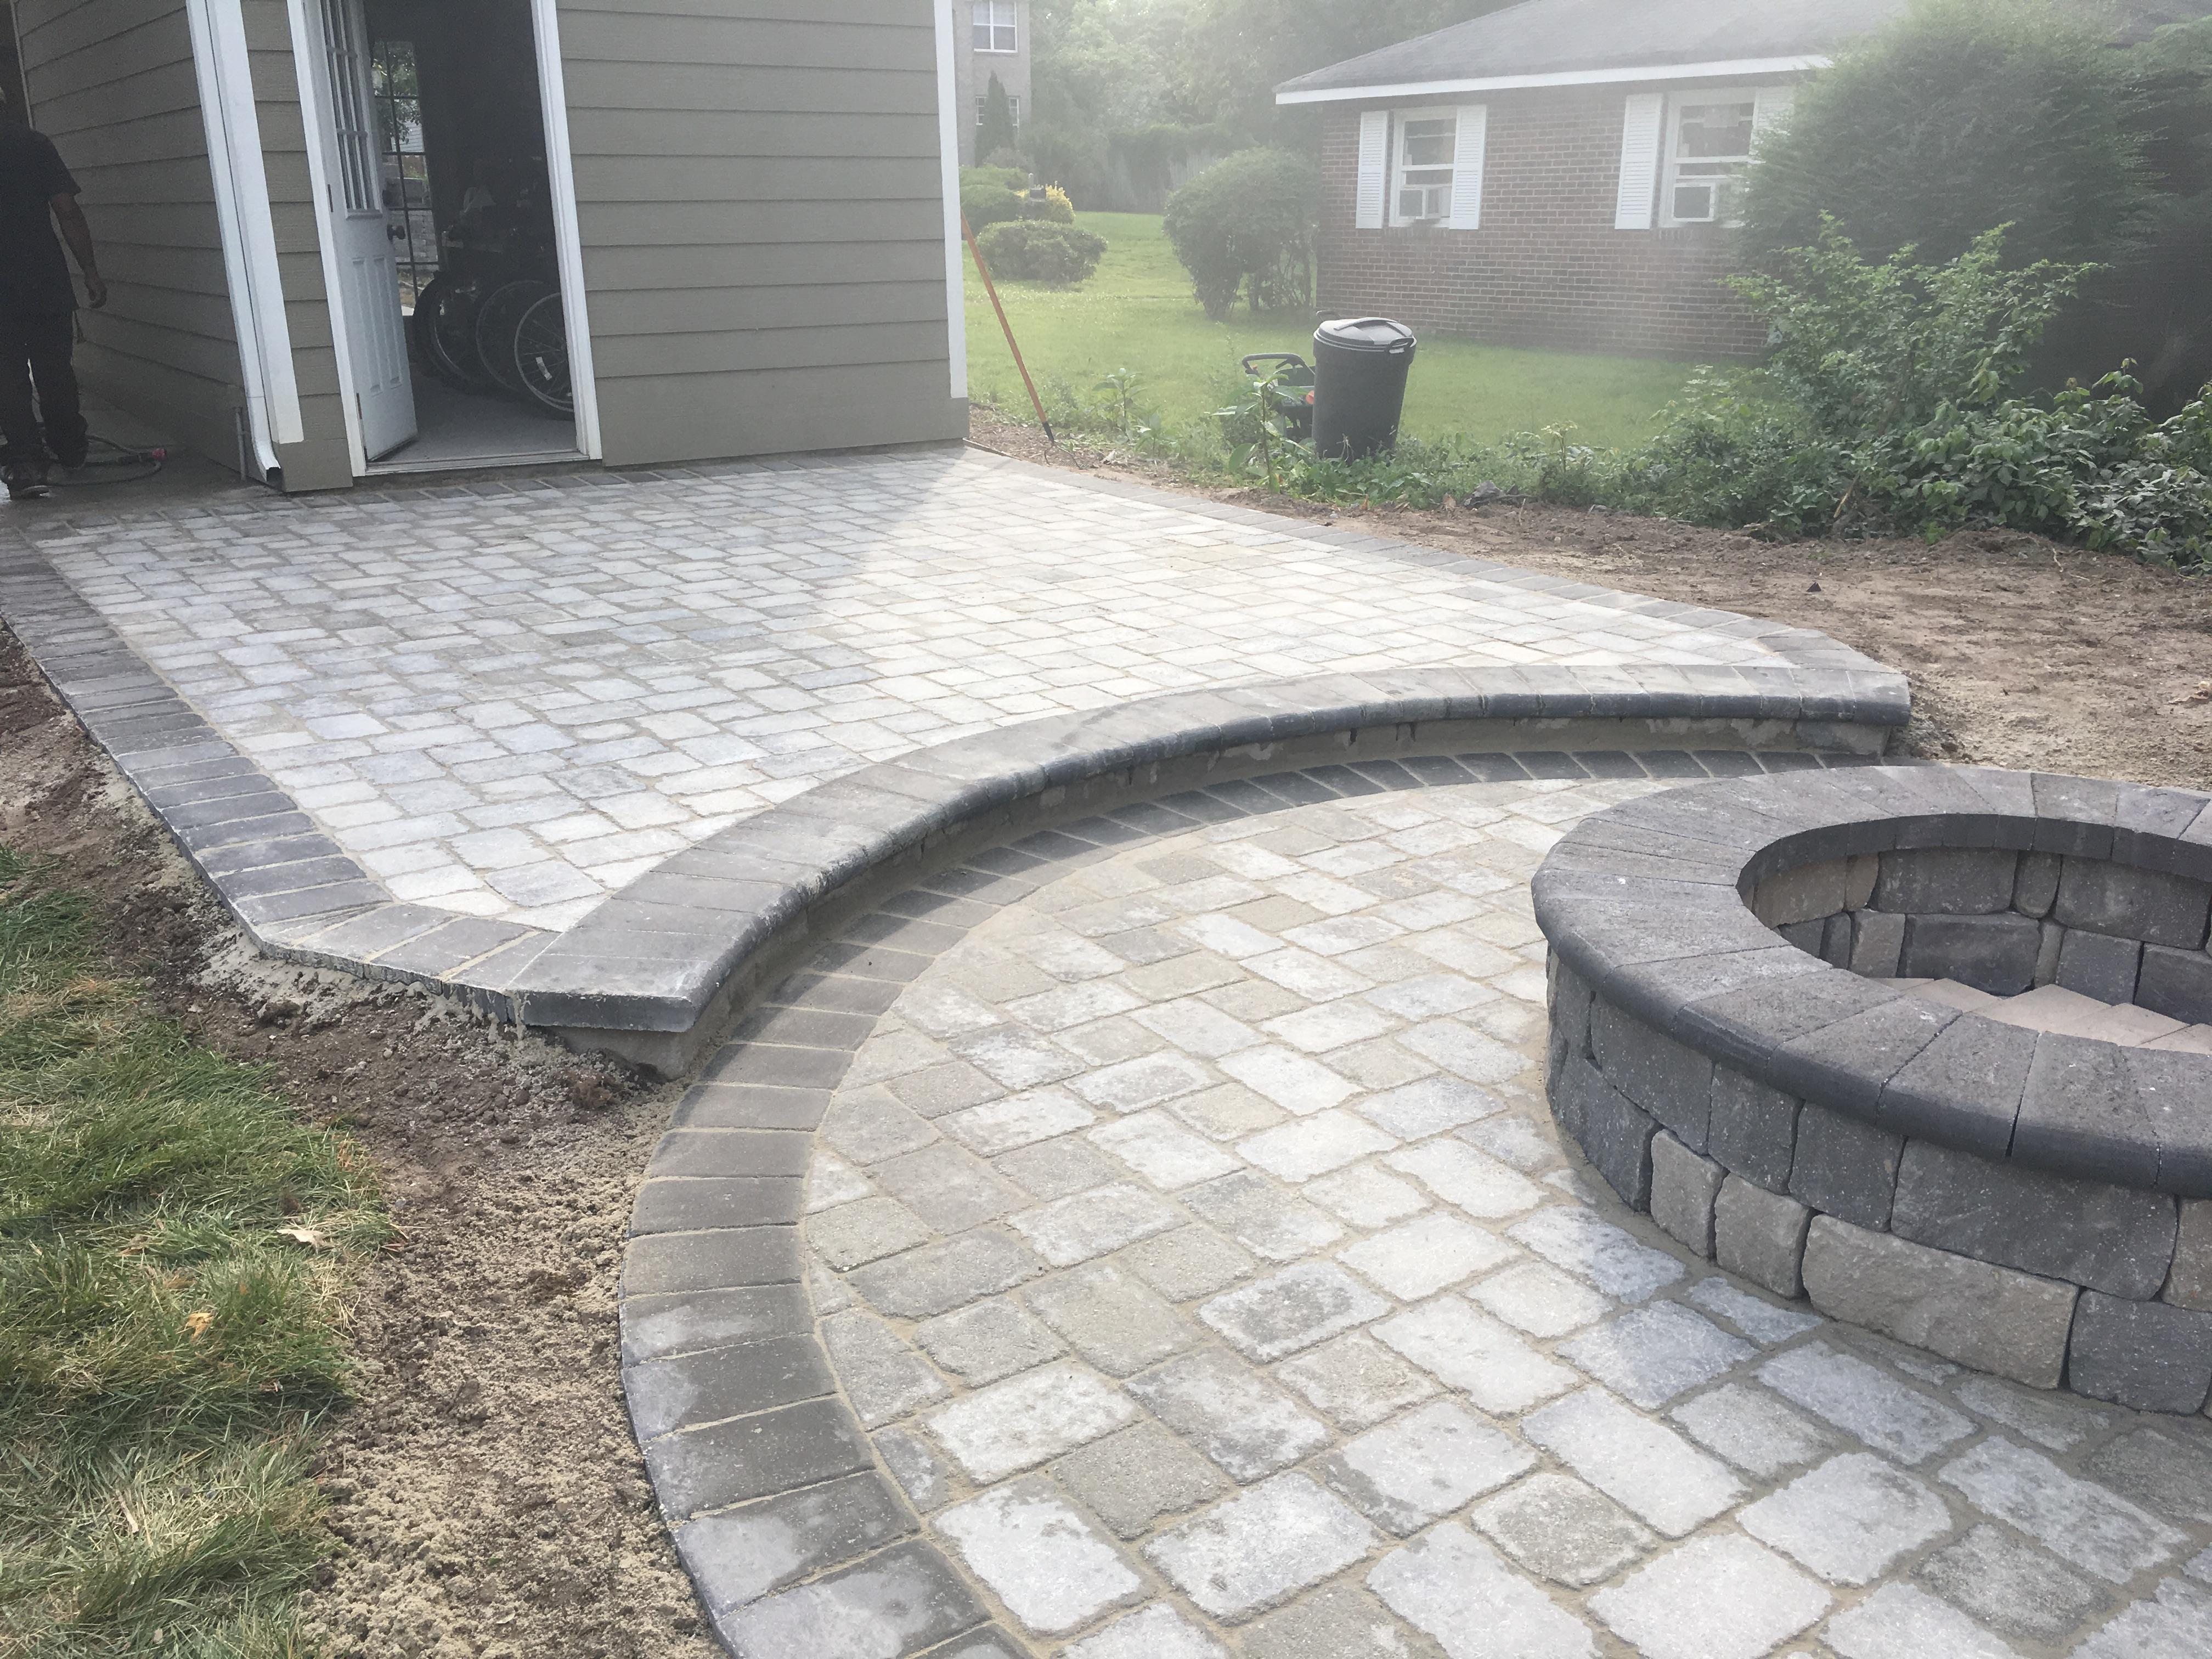 Virginia Brick Pavers 7933 Ransom Rd, Norfolk, VA 23518 - YP.com